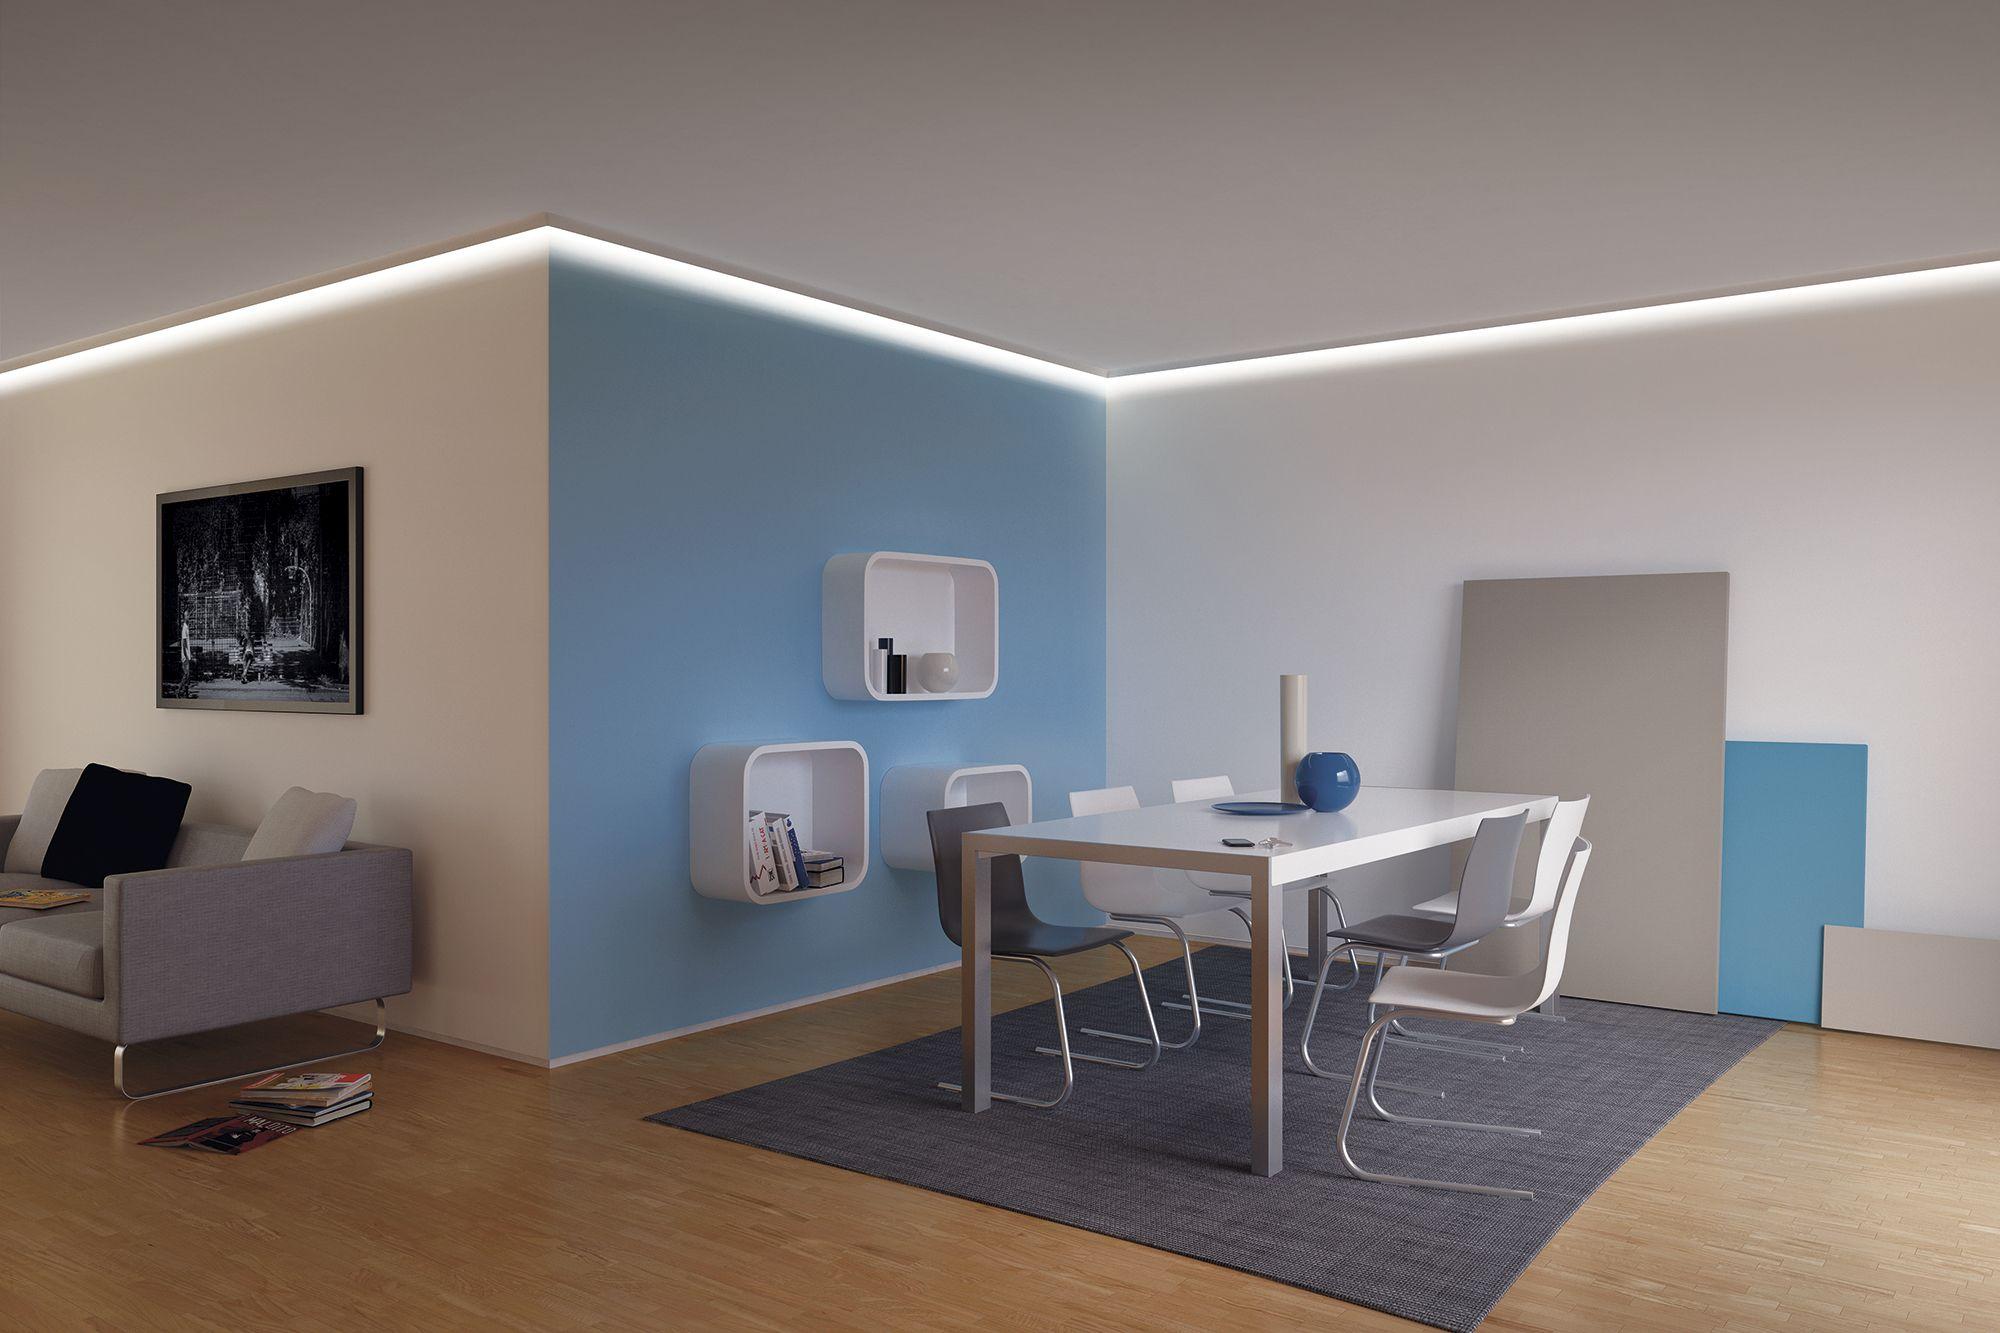 Anleitung Led Lichtleiste Corner Profil Mit Led Stripes Yourled Einfache Monta Beleuchtung Wohnzimmer Decke Led Beleuchtung Wohnzimmer Beleuchtung Wohnzimmer